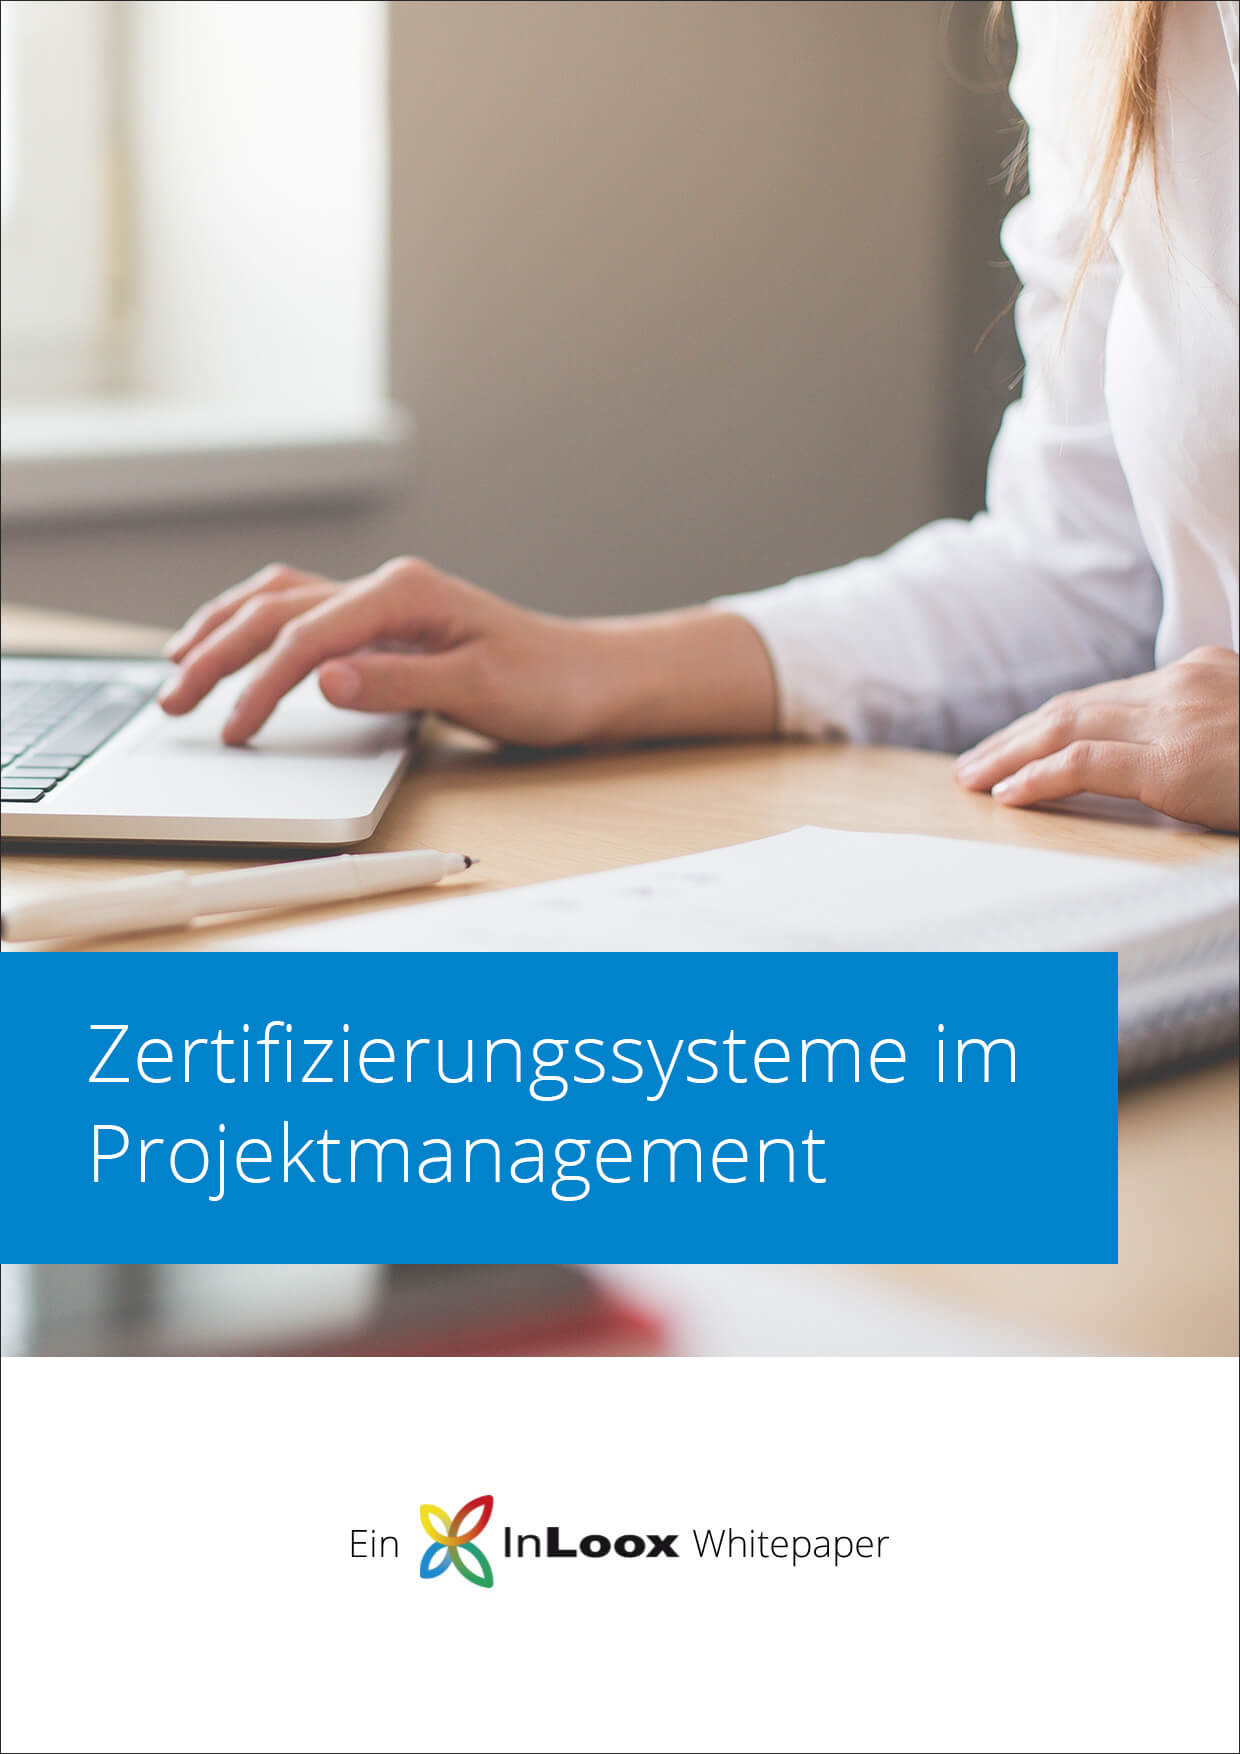 Überblick über die verschiedenen Zertifizierungen im Projektmanagement